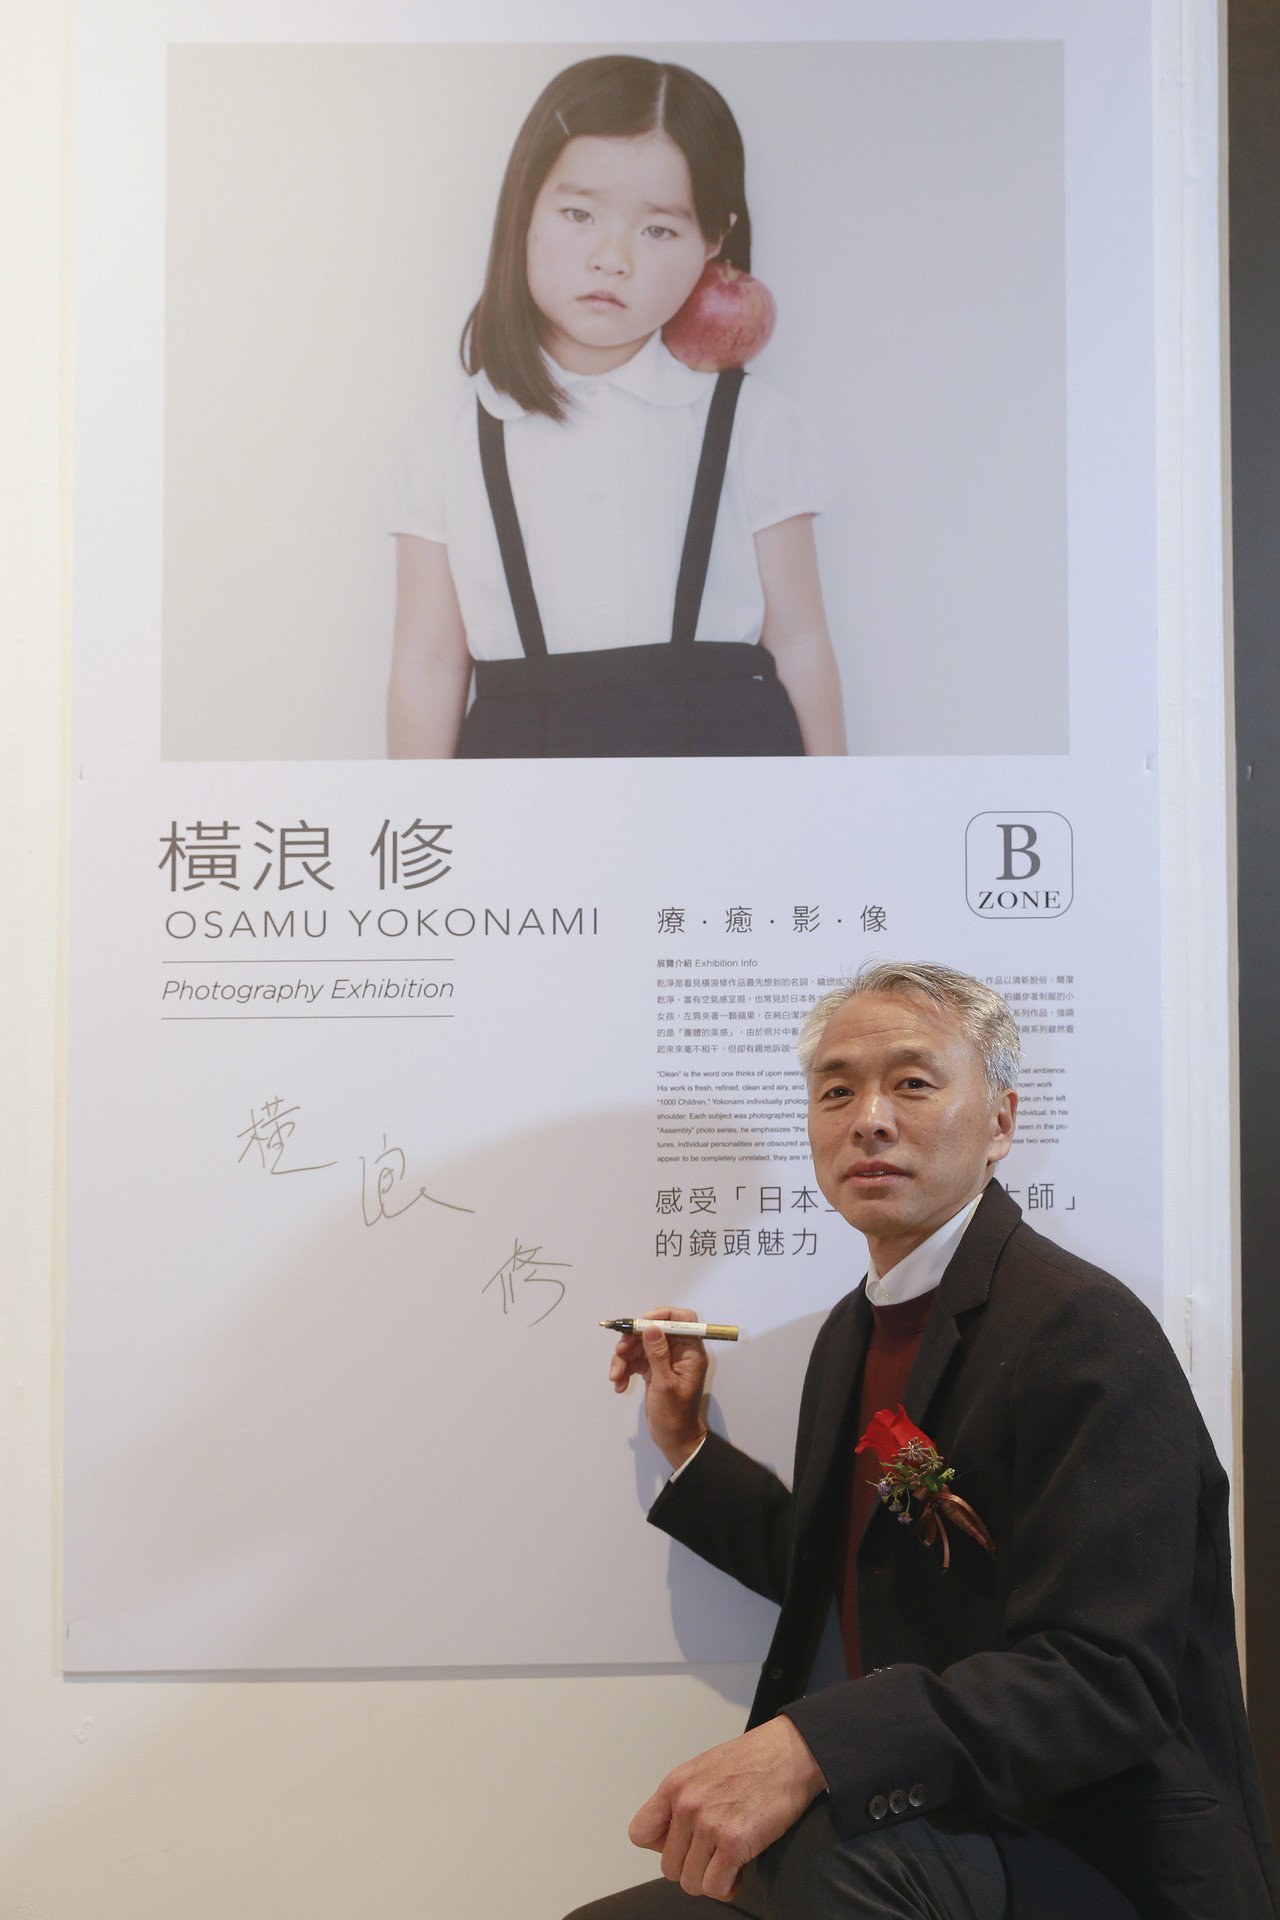 日本「空氣感影像大師」橫浪修Osamu Yokonami在台灣推出攝影展。圖/新...